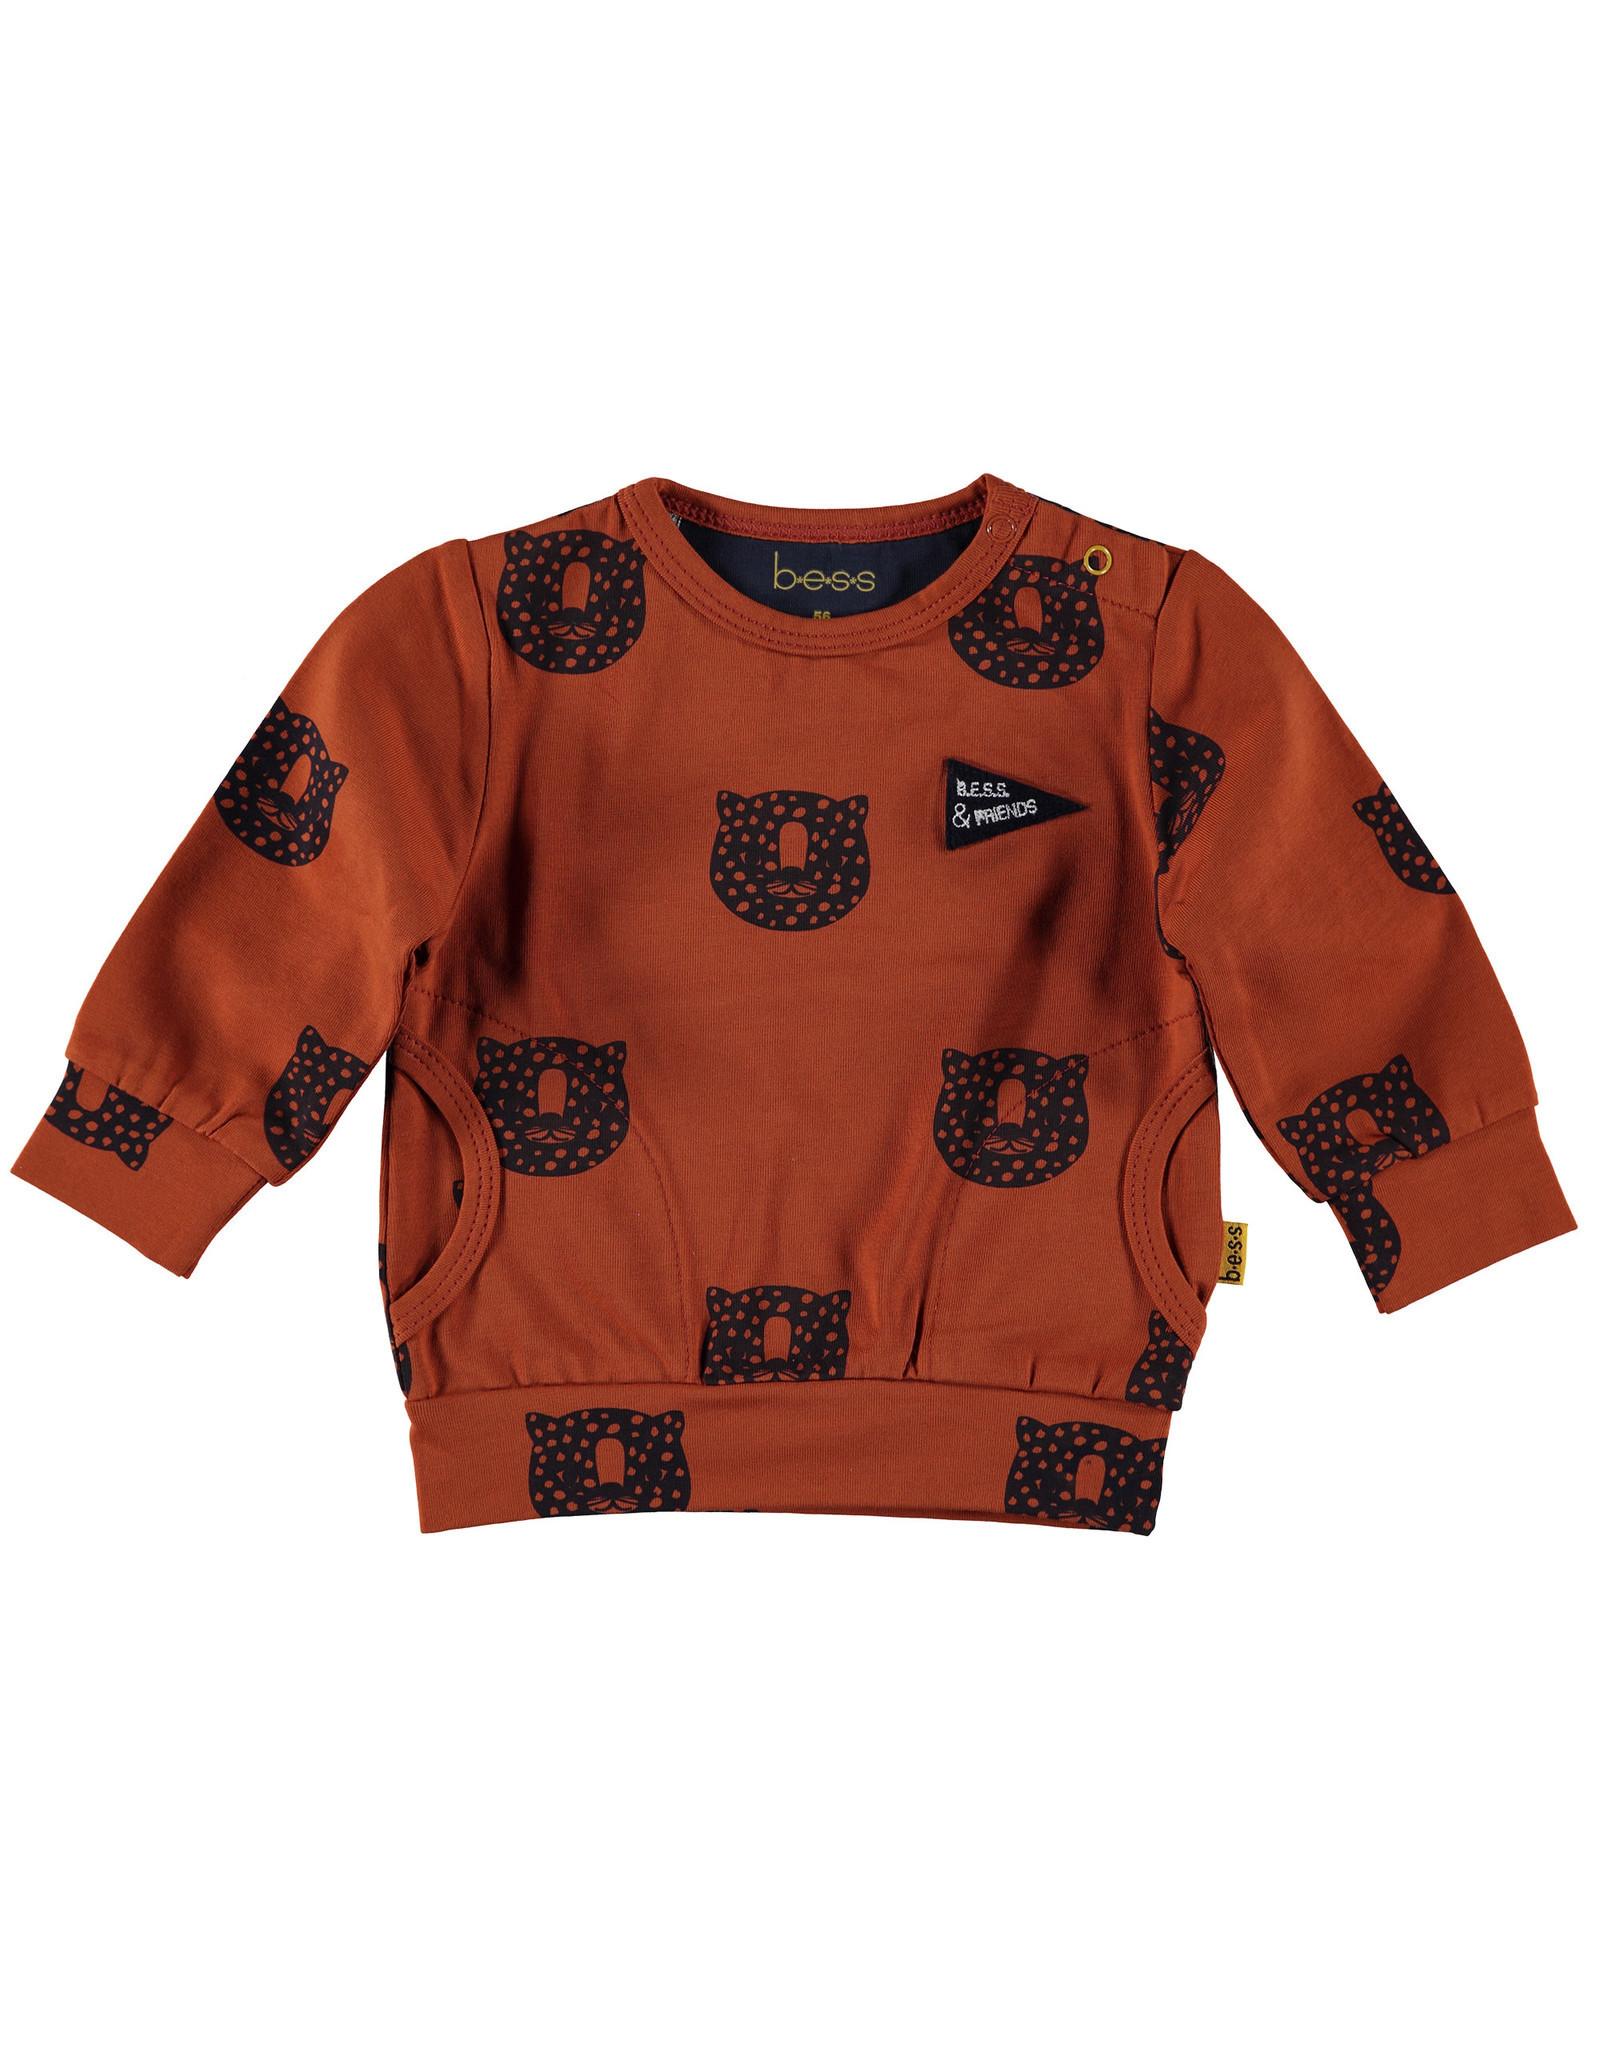 BESS BESS Sweater AOP Tiger Rusty